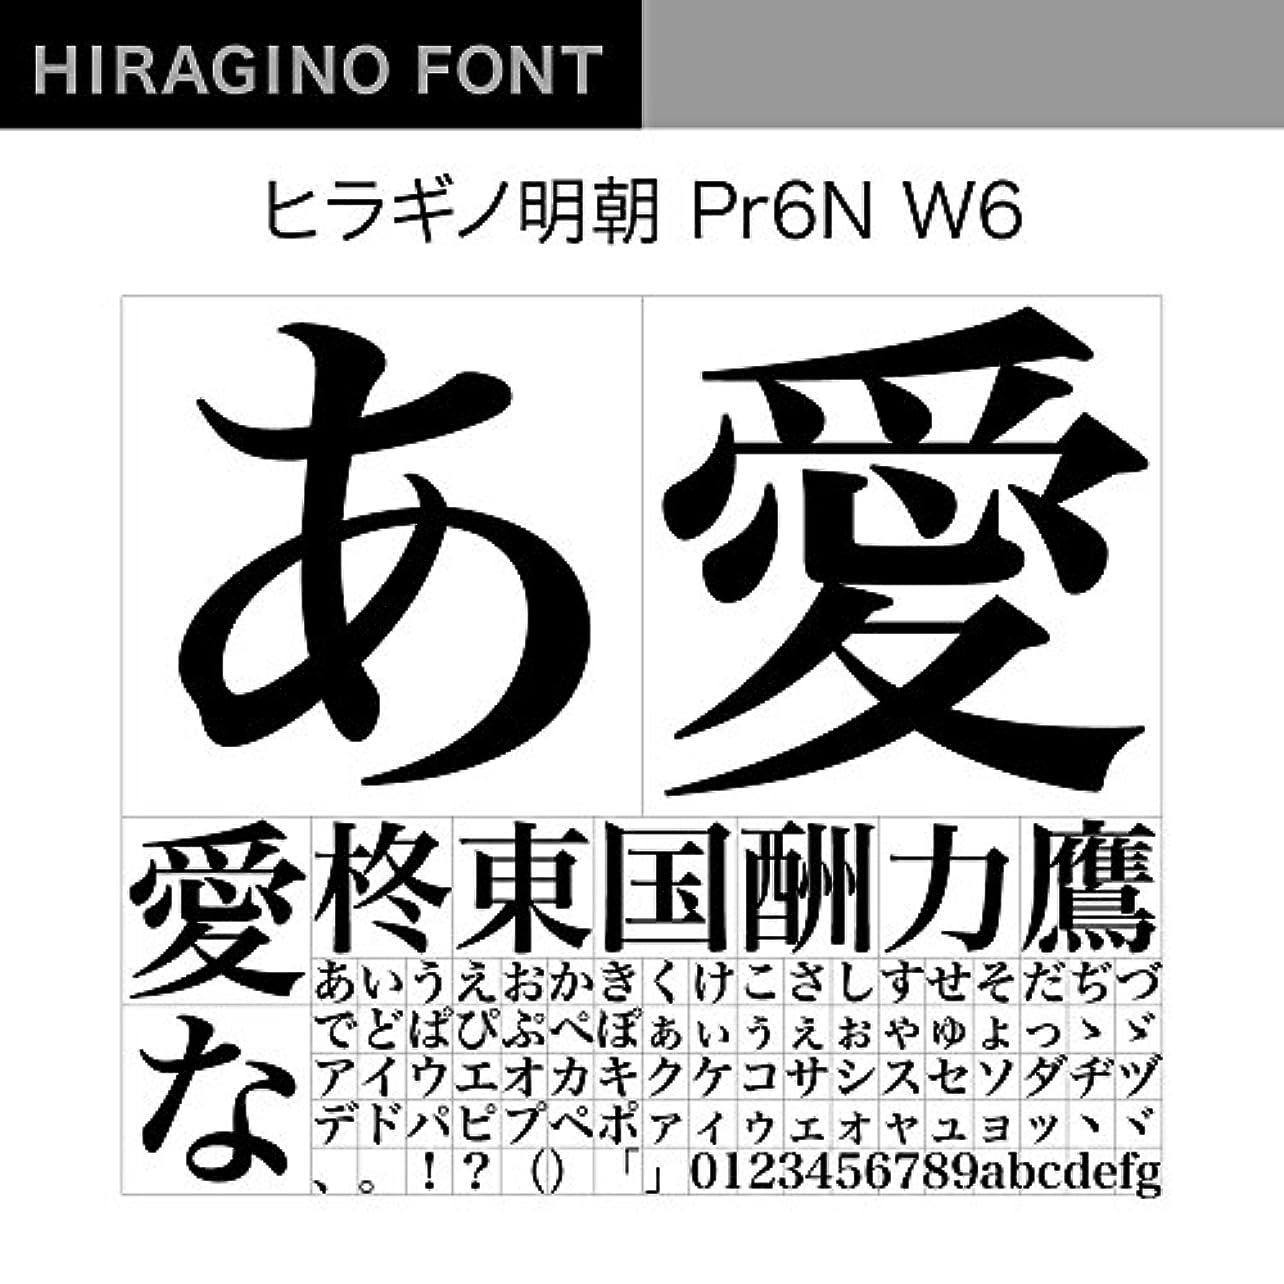 悪い知らせる列挙するOpenType ヒラギノ明朝 Pr6N W6 [ダウンロード]